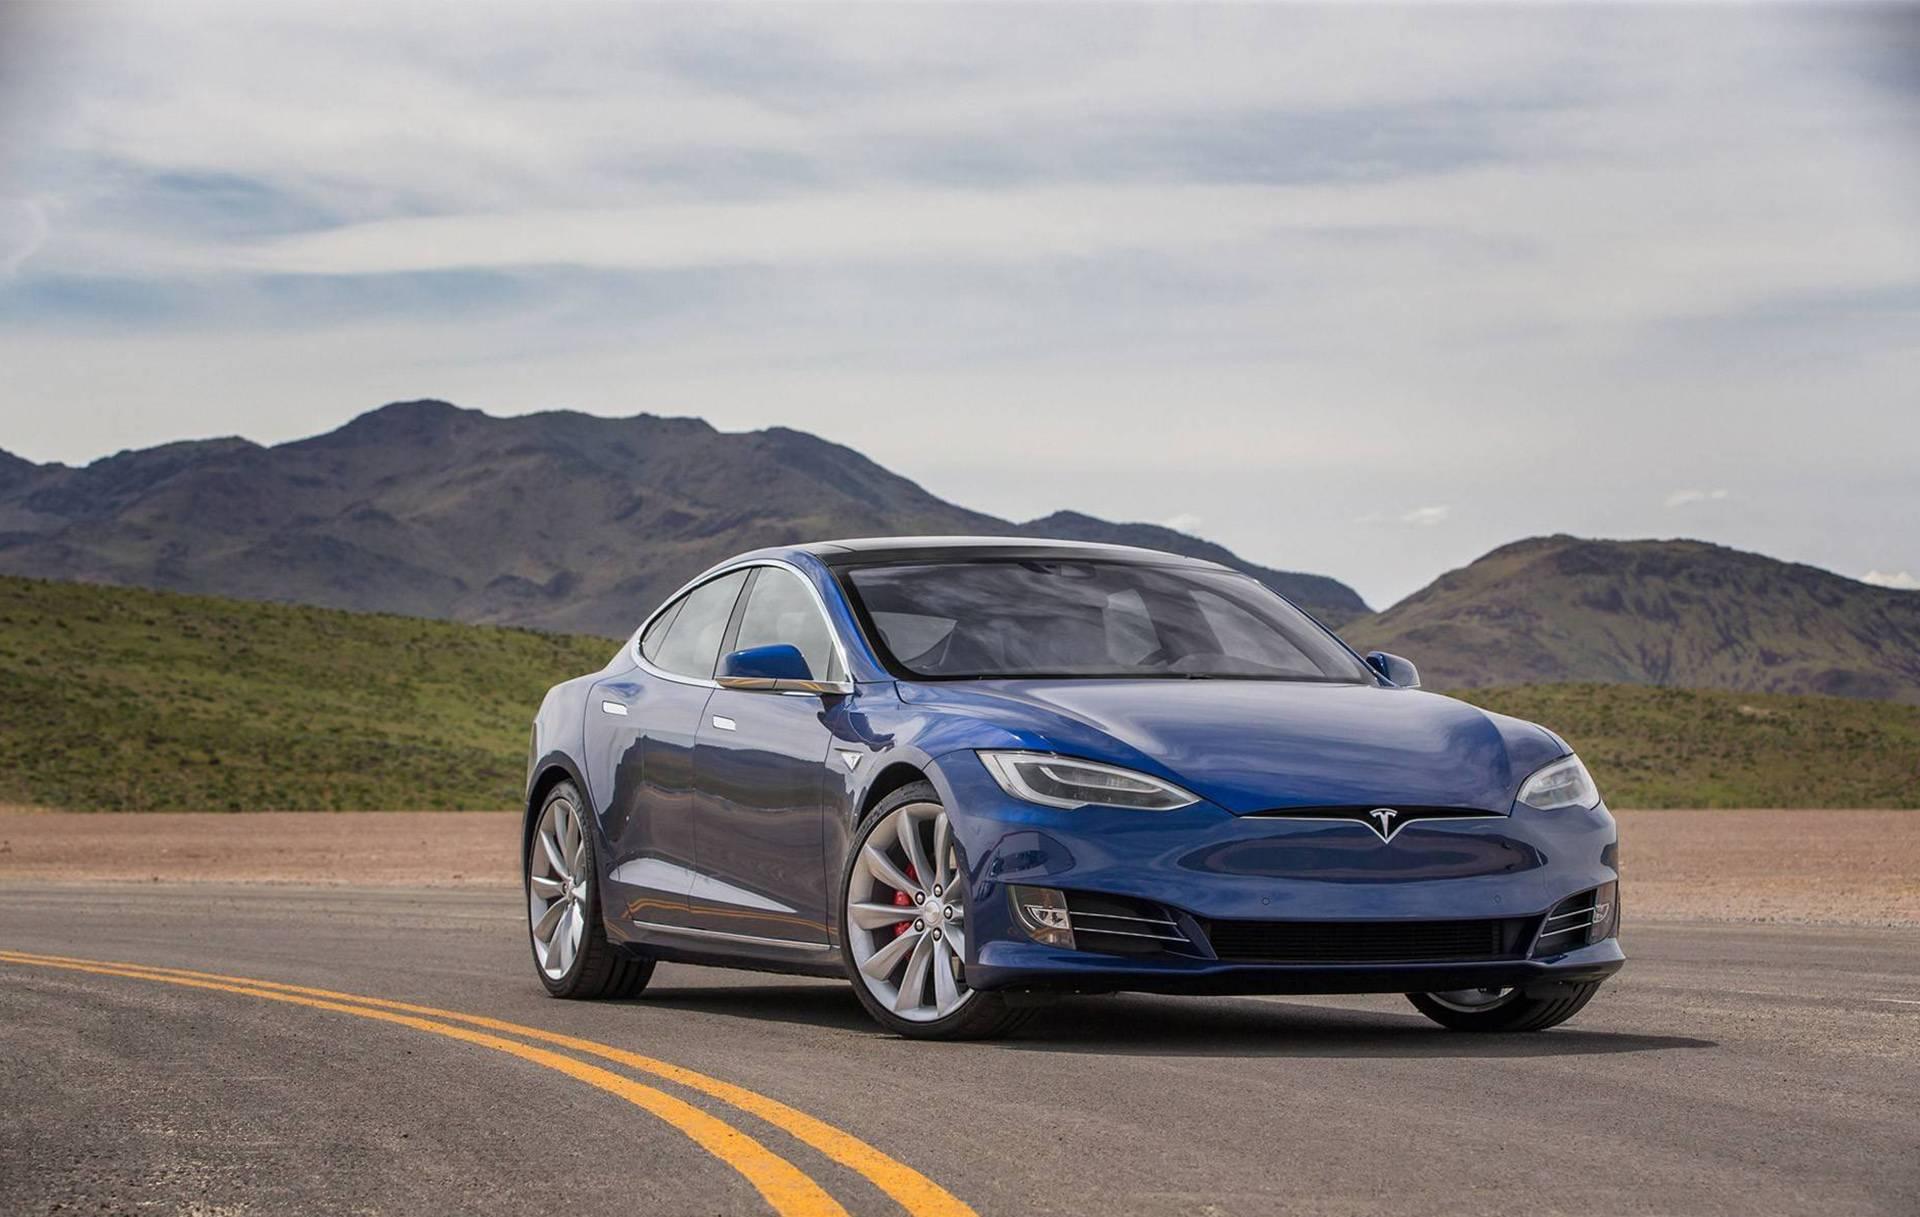 李想:我的特斯拉 Model X 的18个月3000公里